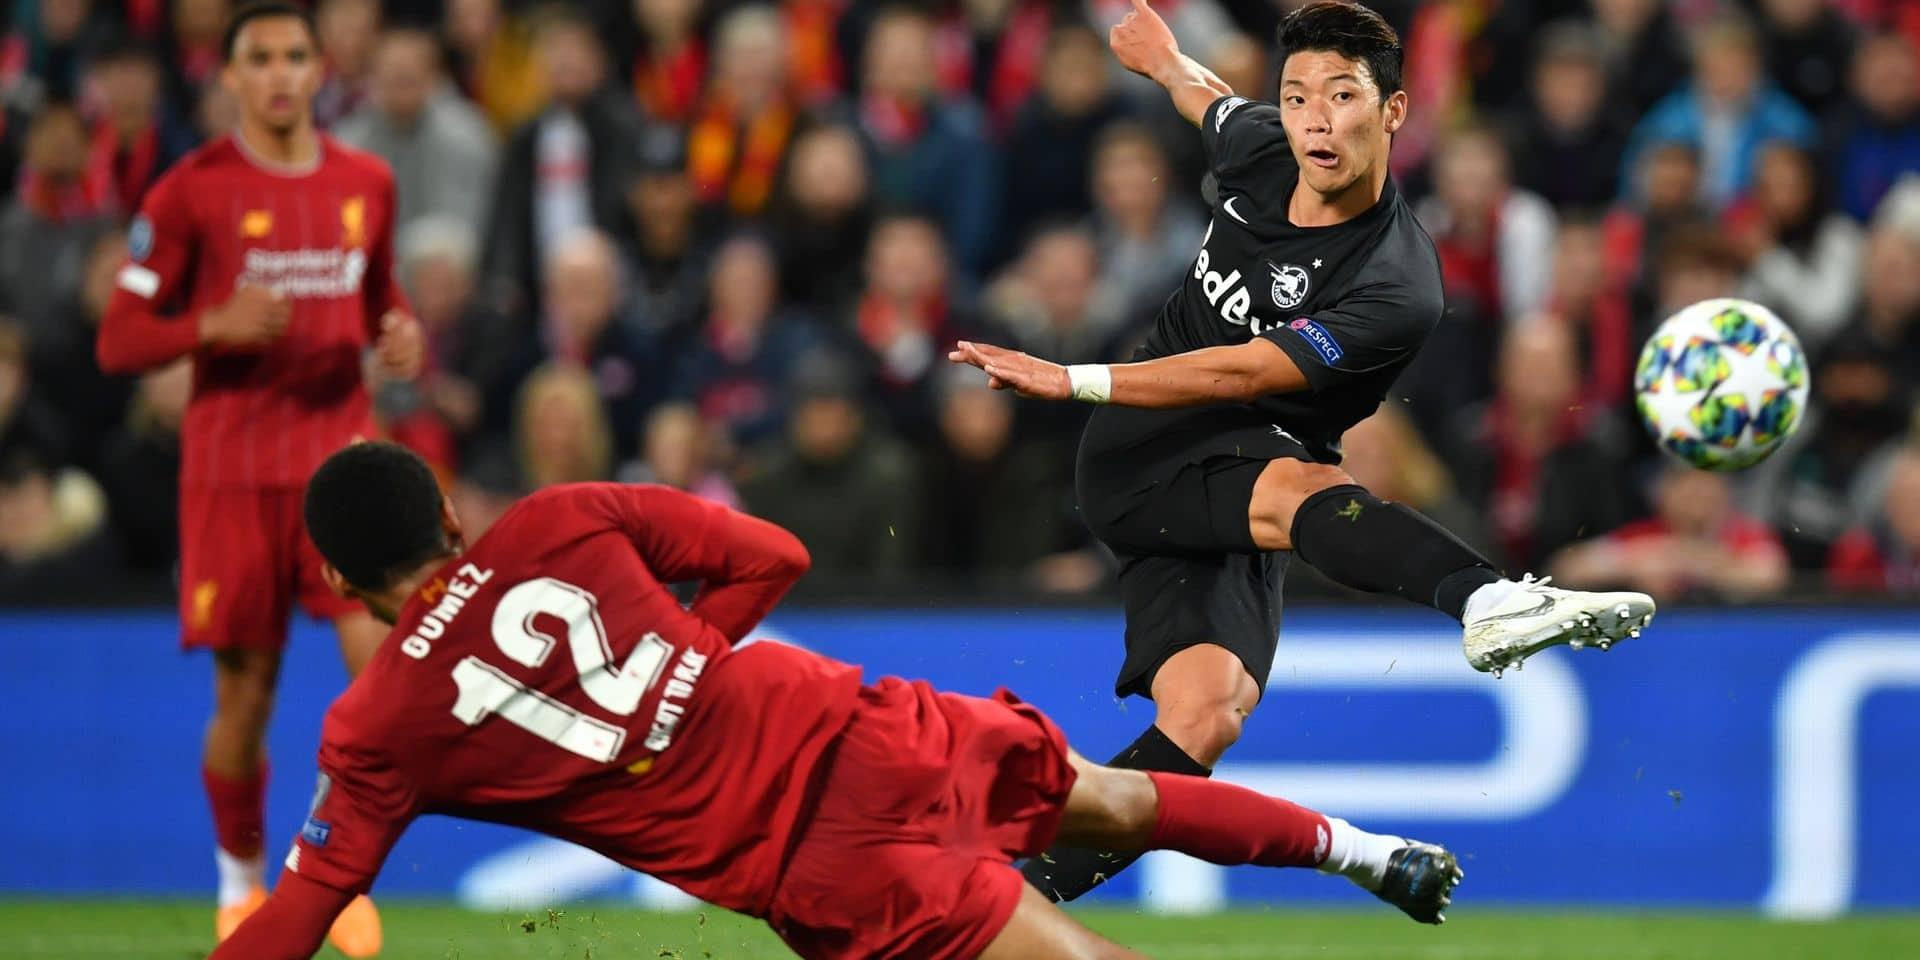 Ligue des champions: Luis Suarez offre la victoire au Barça 2-1, Liverpool s'est fait peur contre Salzbourg 4-3